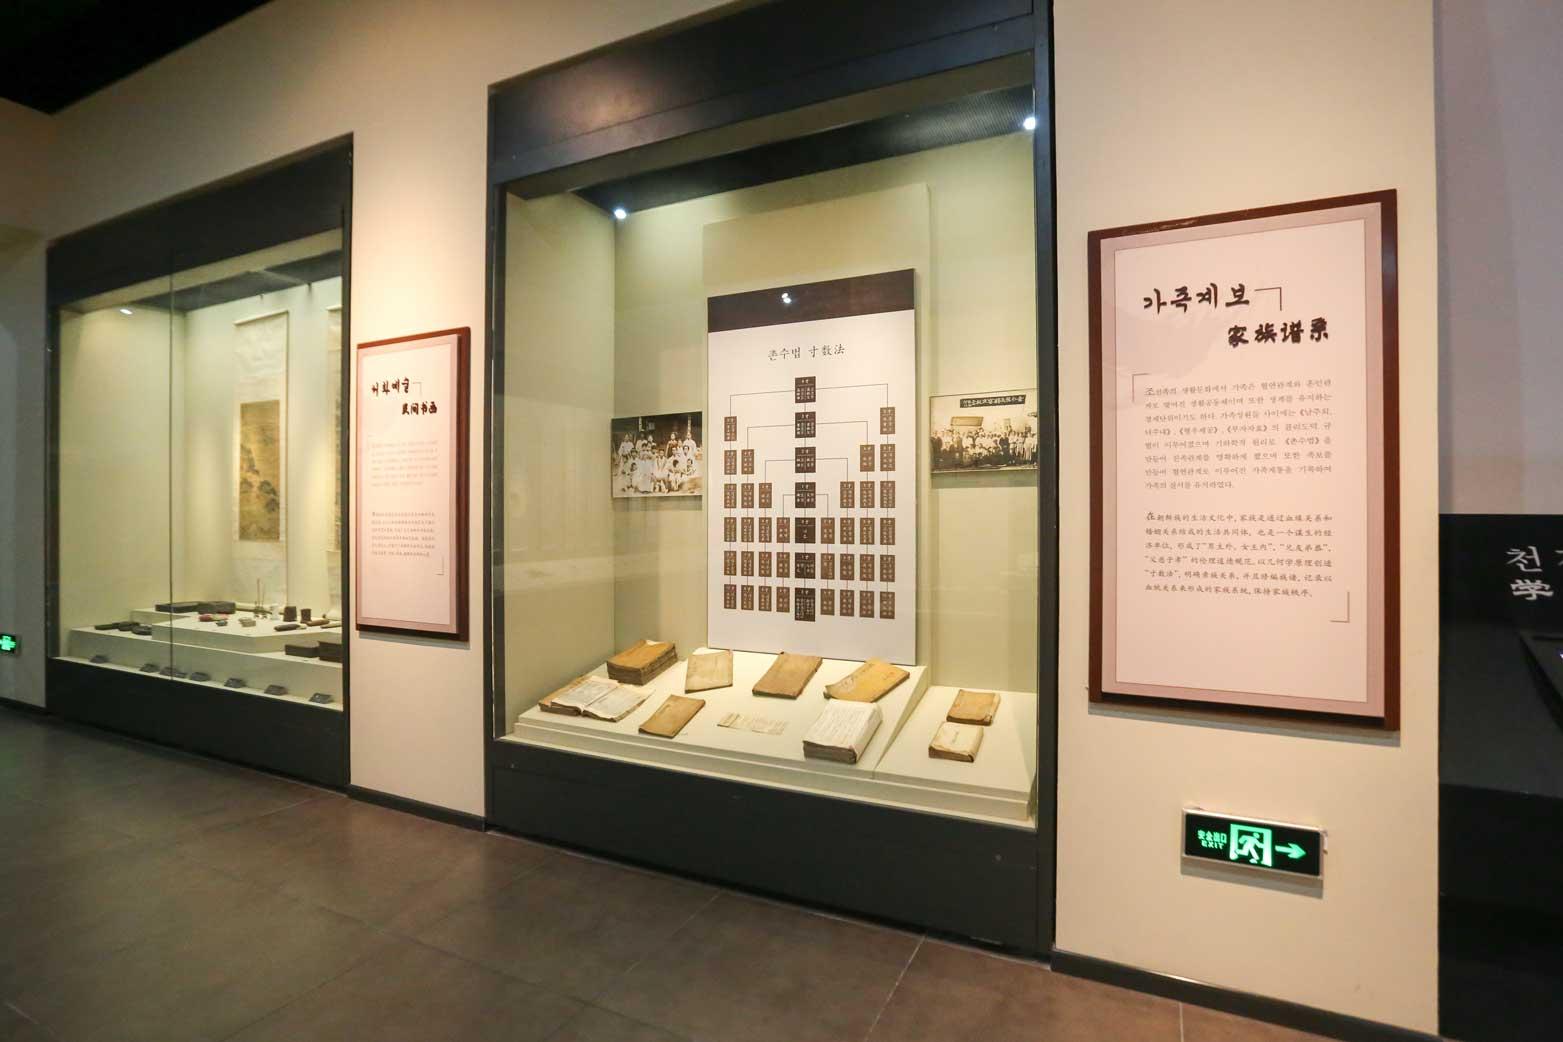 延辺朝鮮族自治州60周年にできた延辺博物館と朝鮮族の冷めた関係_b0235153_11233264.jpg